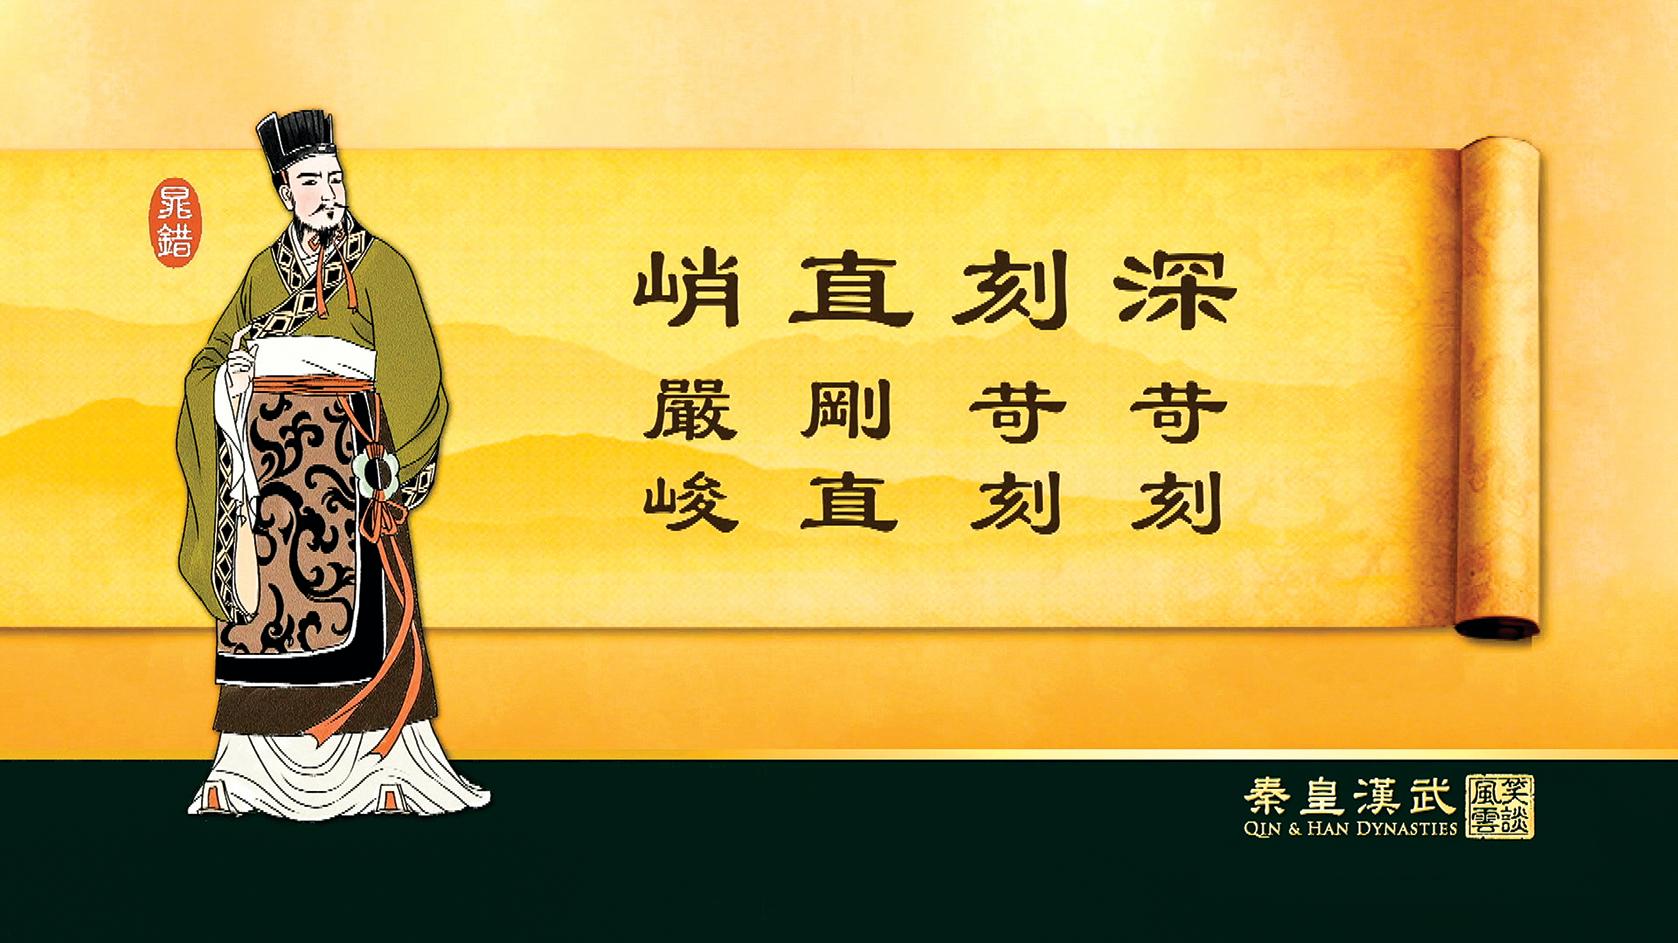 司馬遷在《史記》中用四個字來形容晁錯:「峭、直、刻、深」。